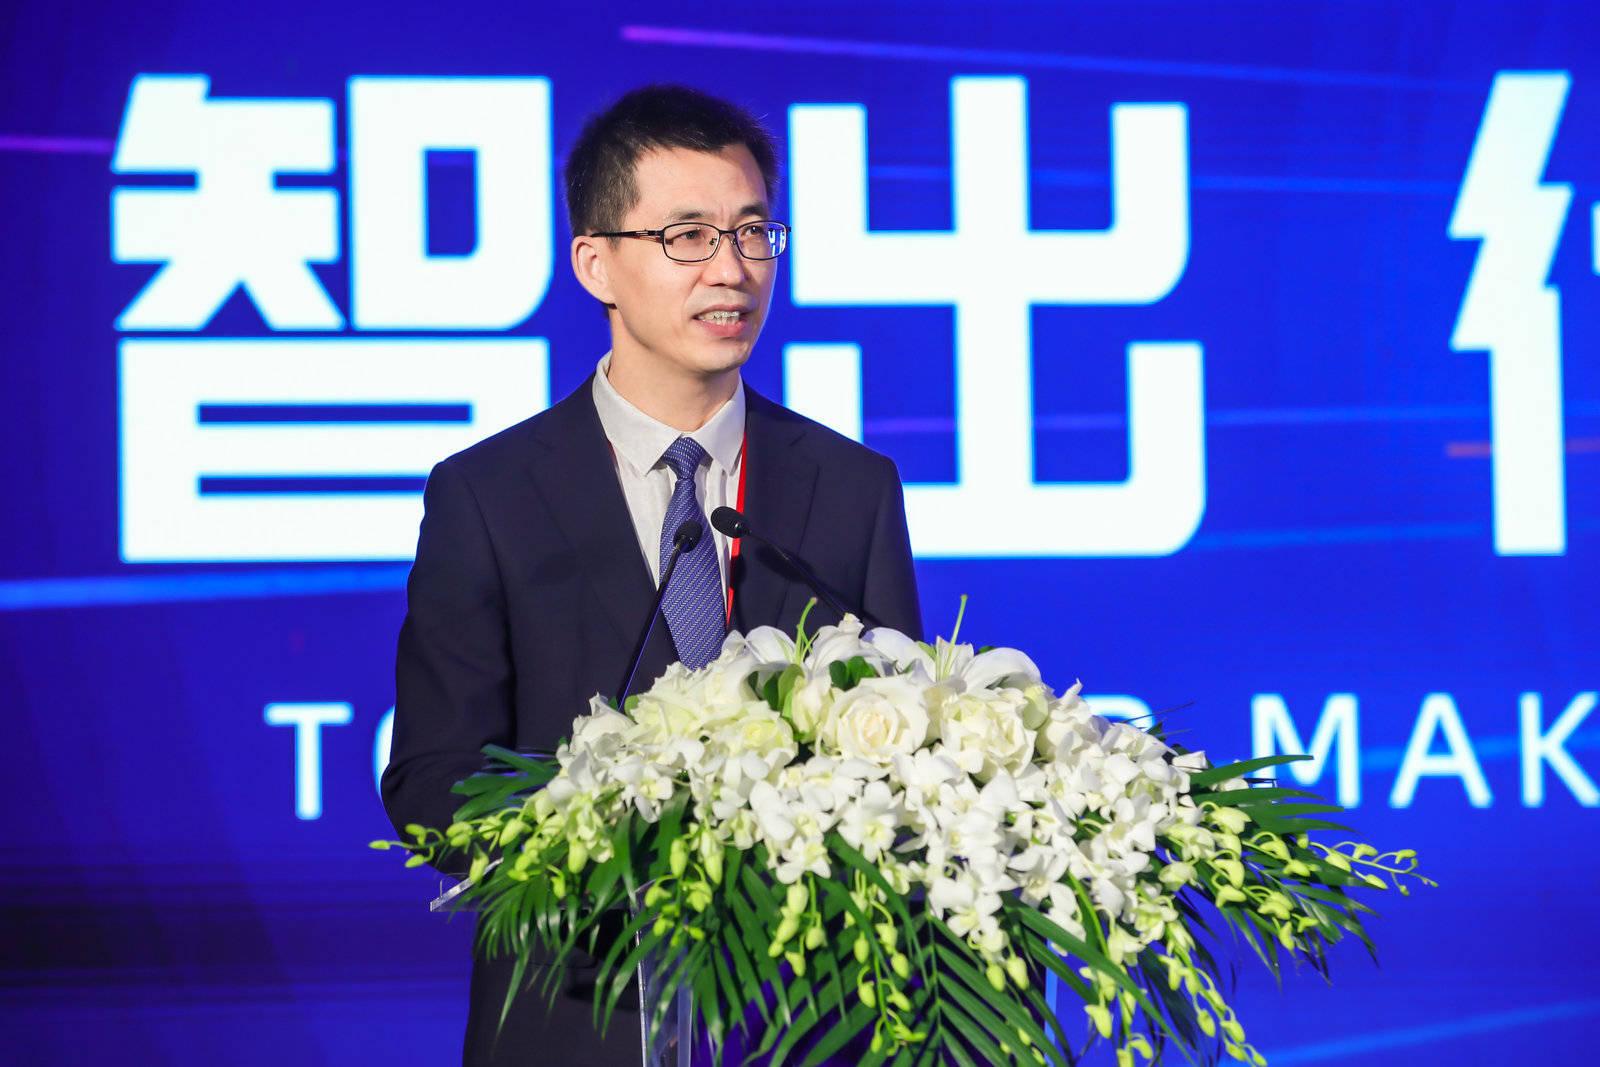 【中国互联网协会宋茂恩:两轮出行是一种新治理,融入到城市治理体系】